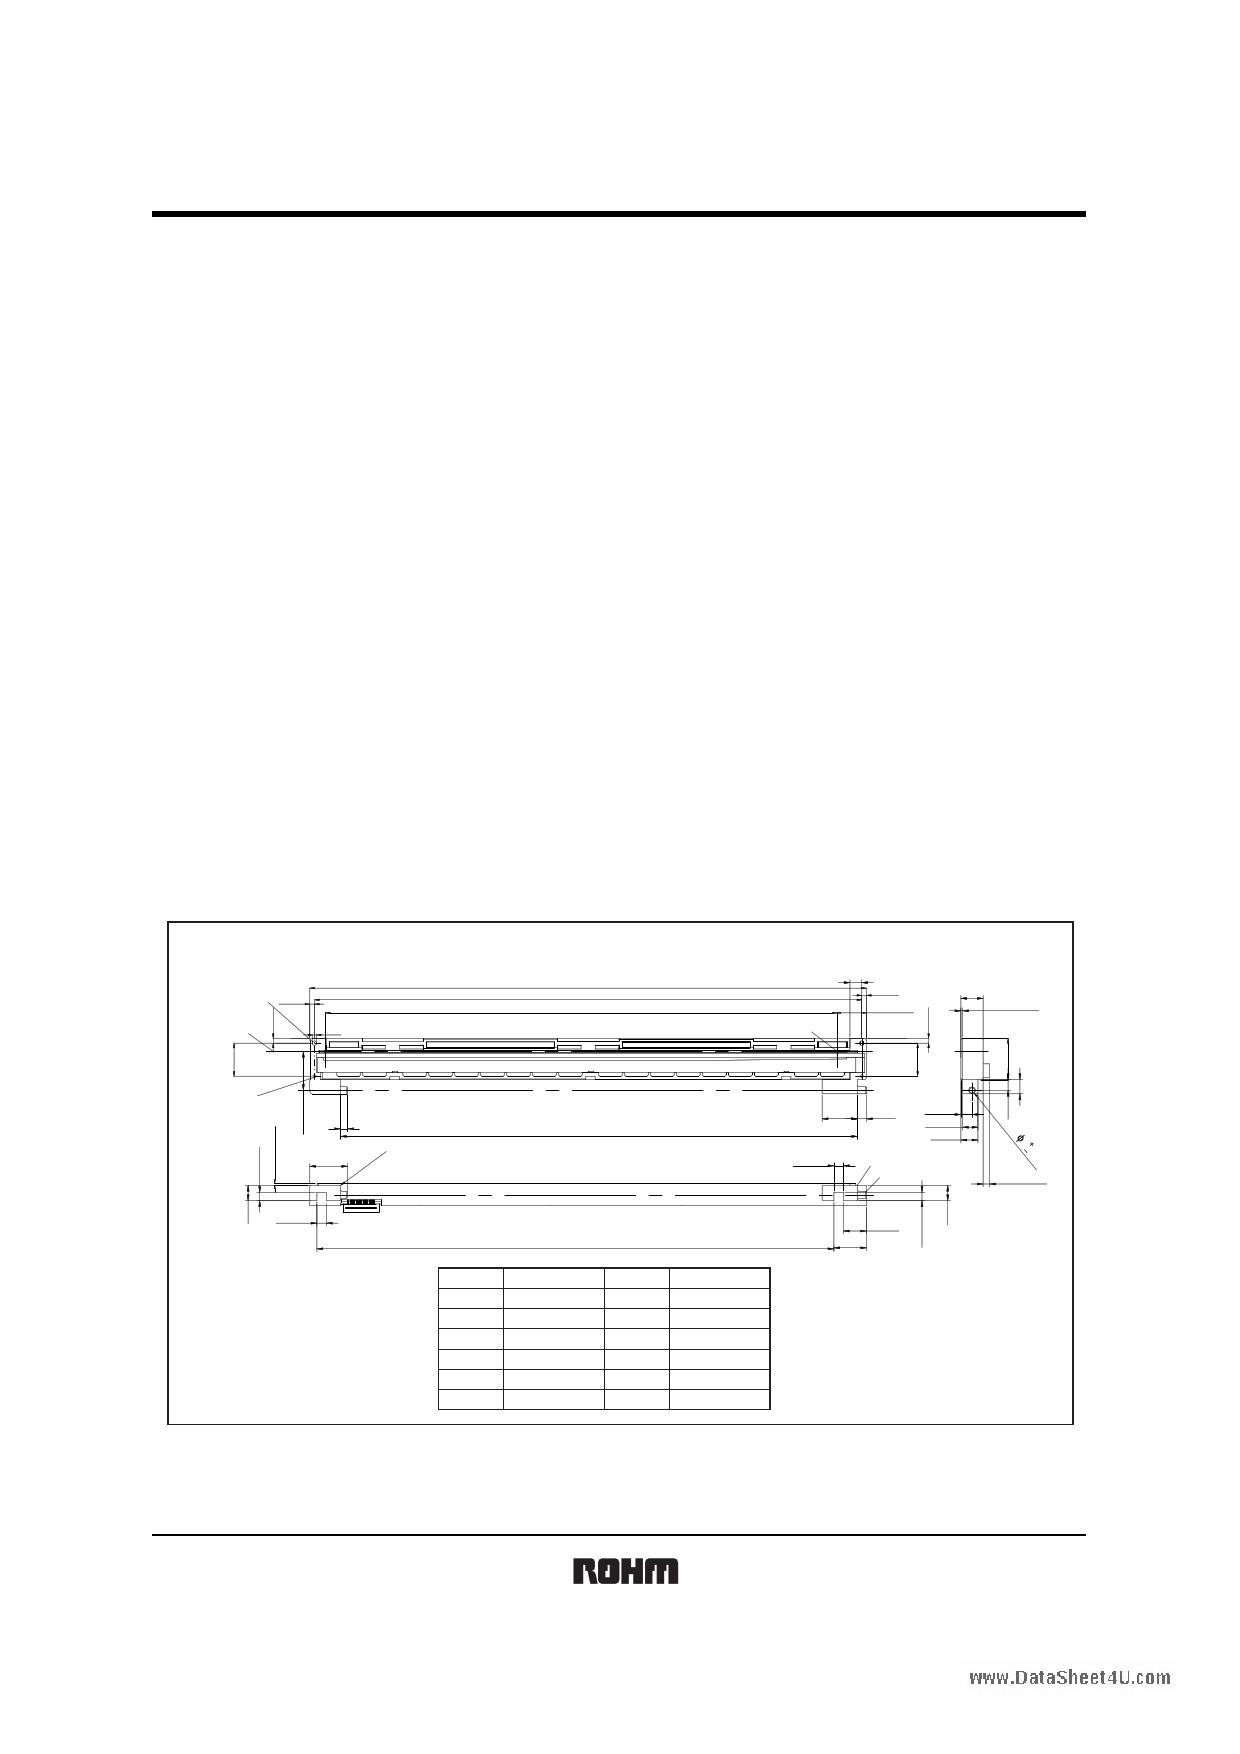 IA1208-FB11A datasheet